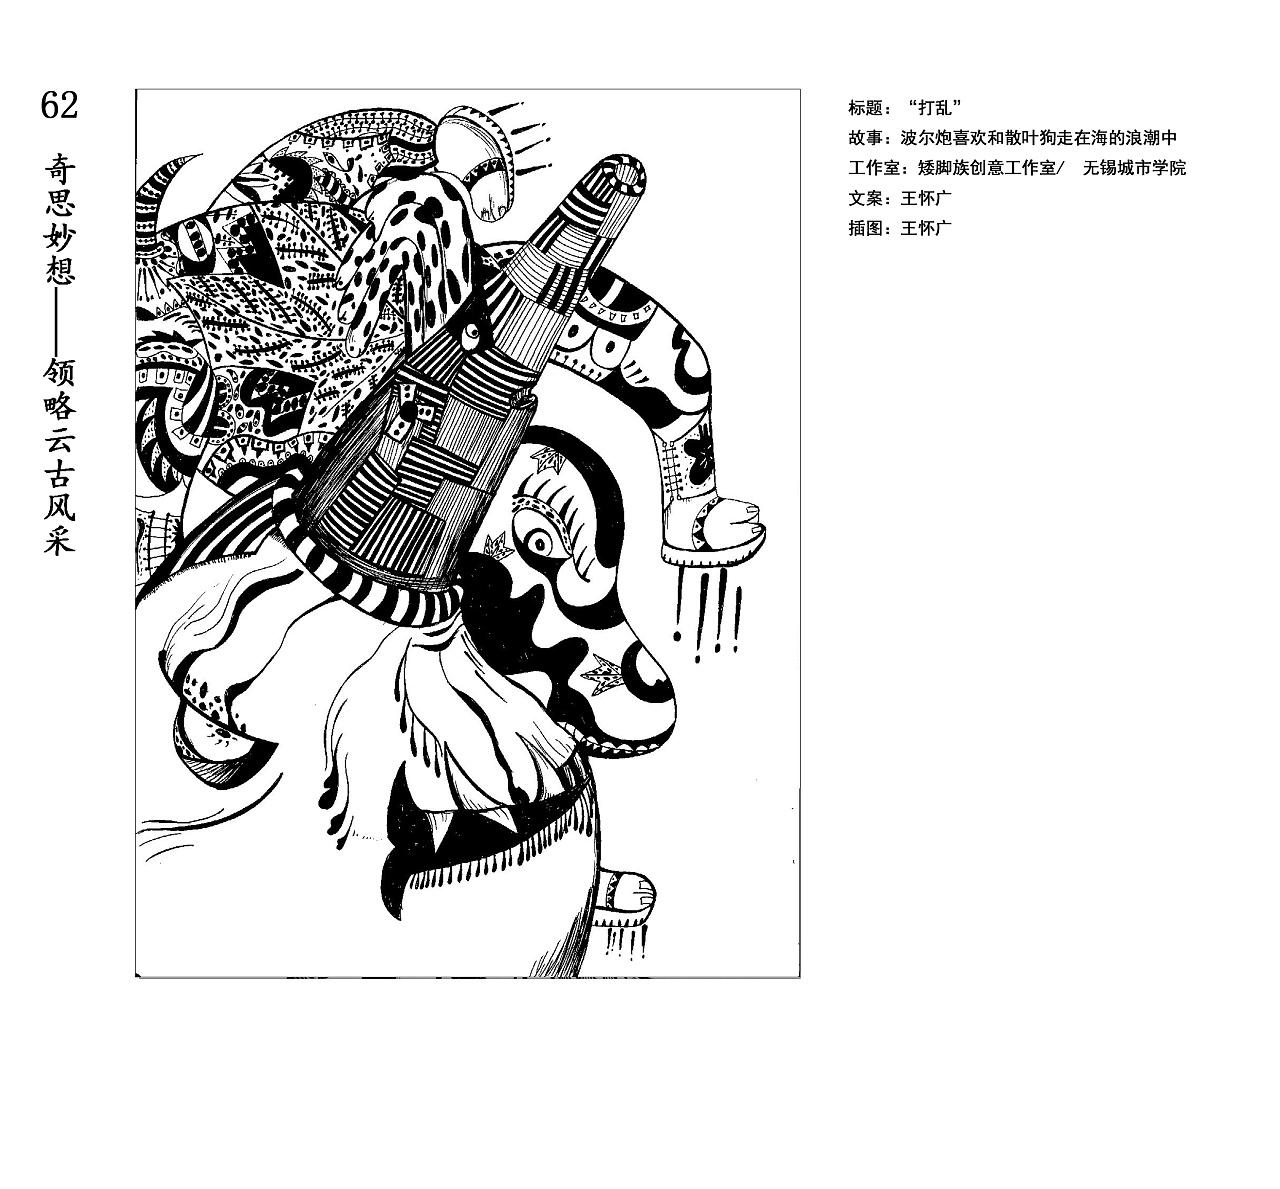 云古时代 动漫人物集结#动漫作品